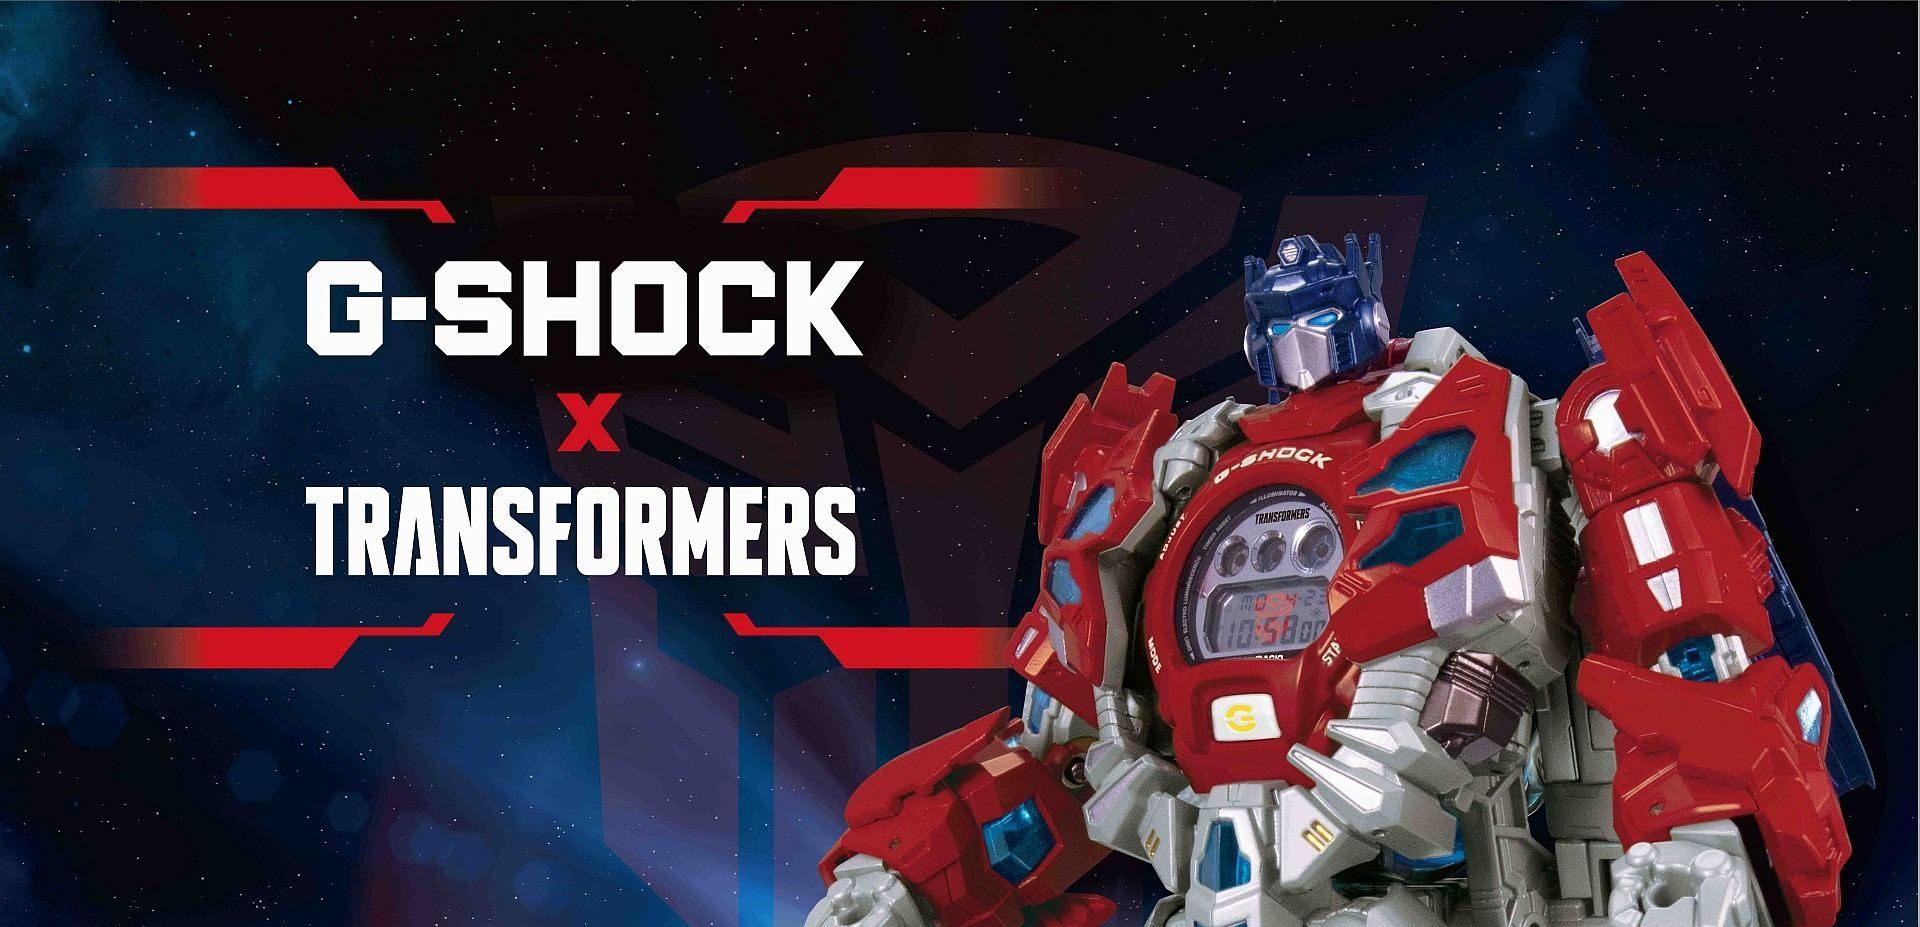 變形金剛來了,CASIO G-SHOCK TRANSFORMERS聯名套組01/12(六)限量上市